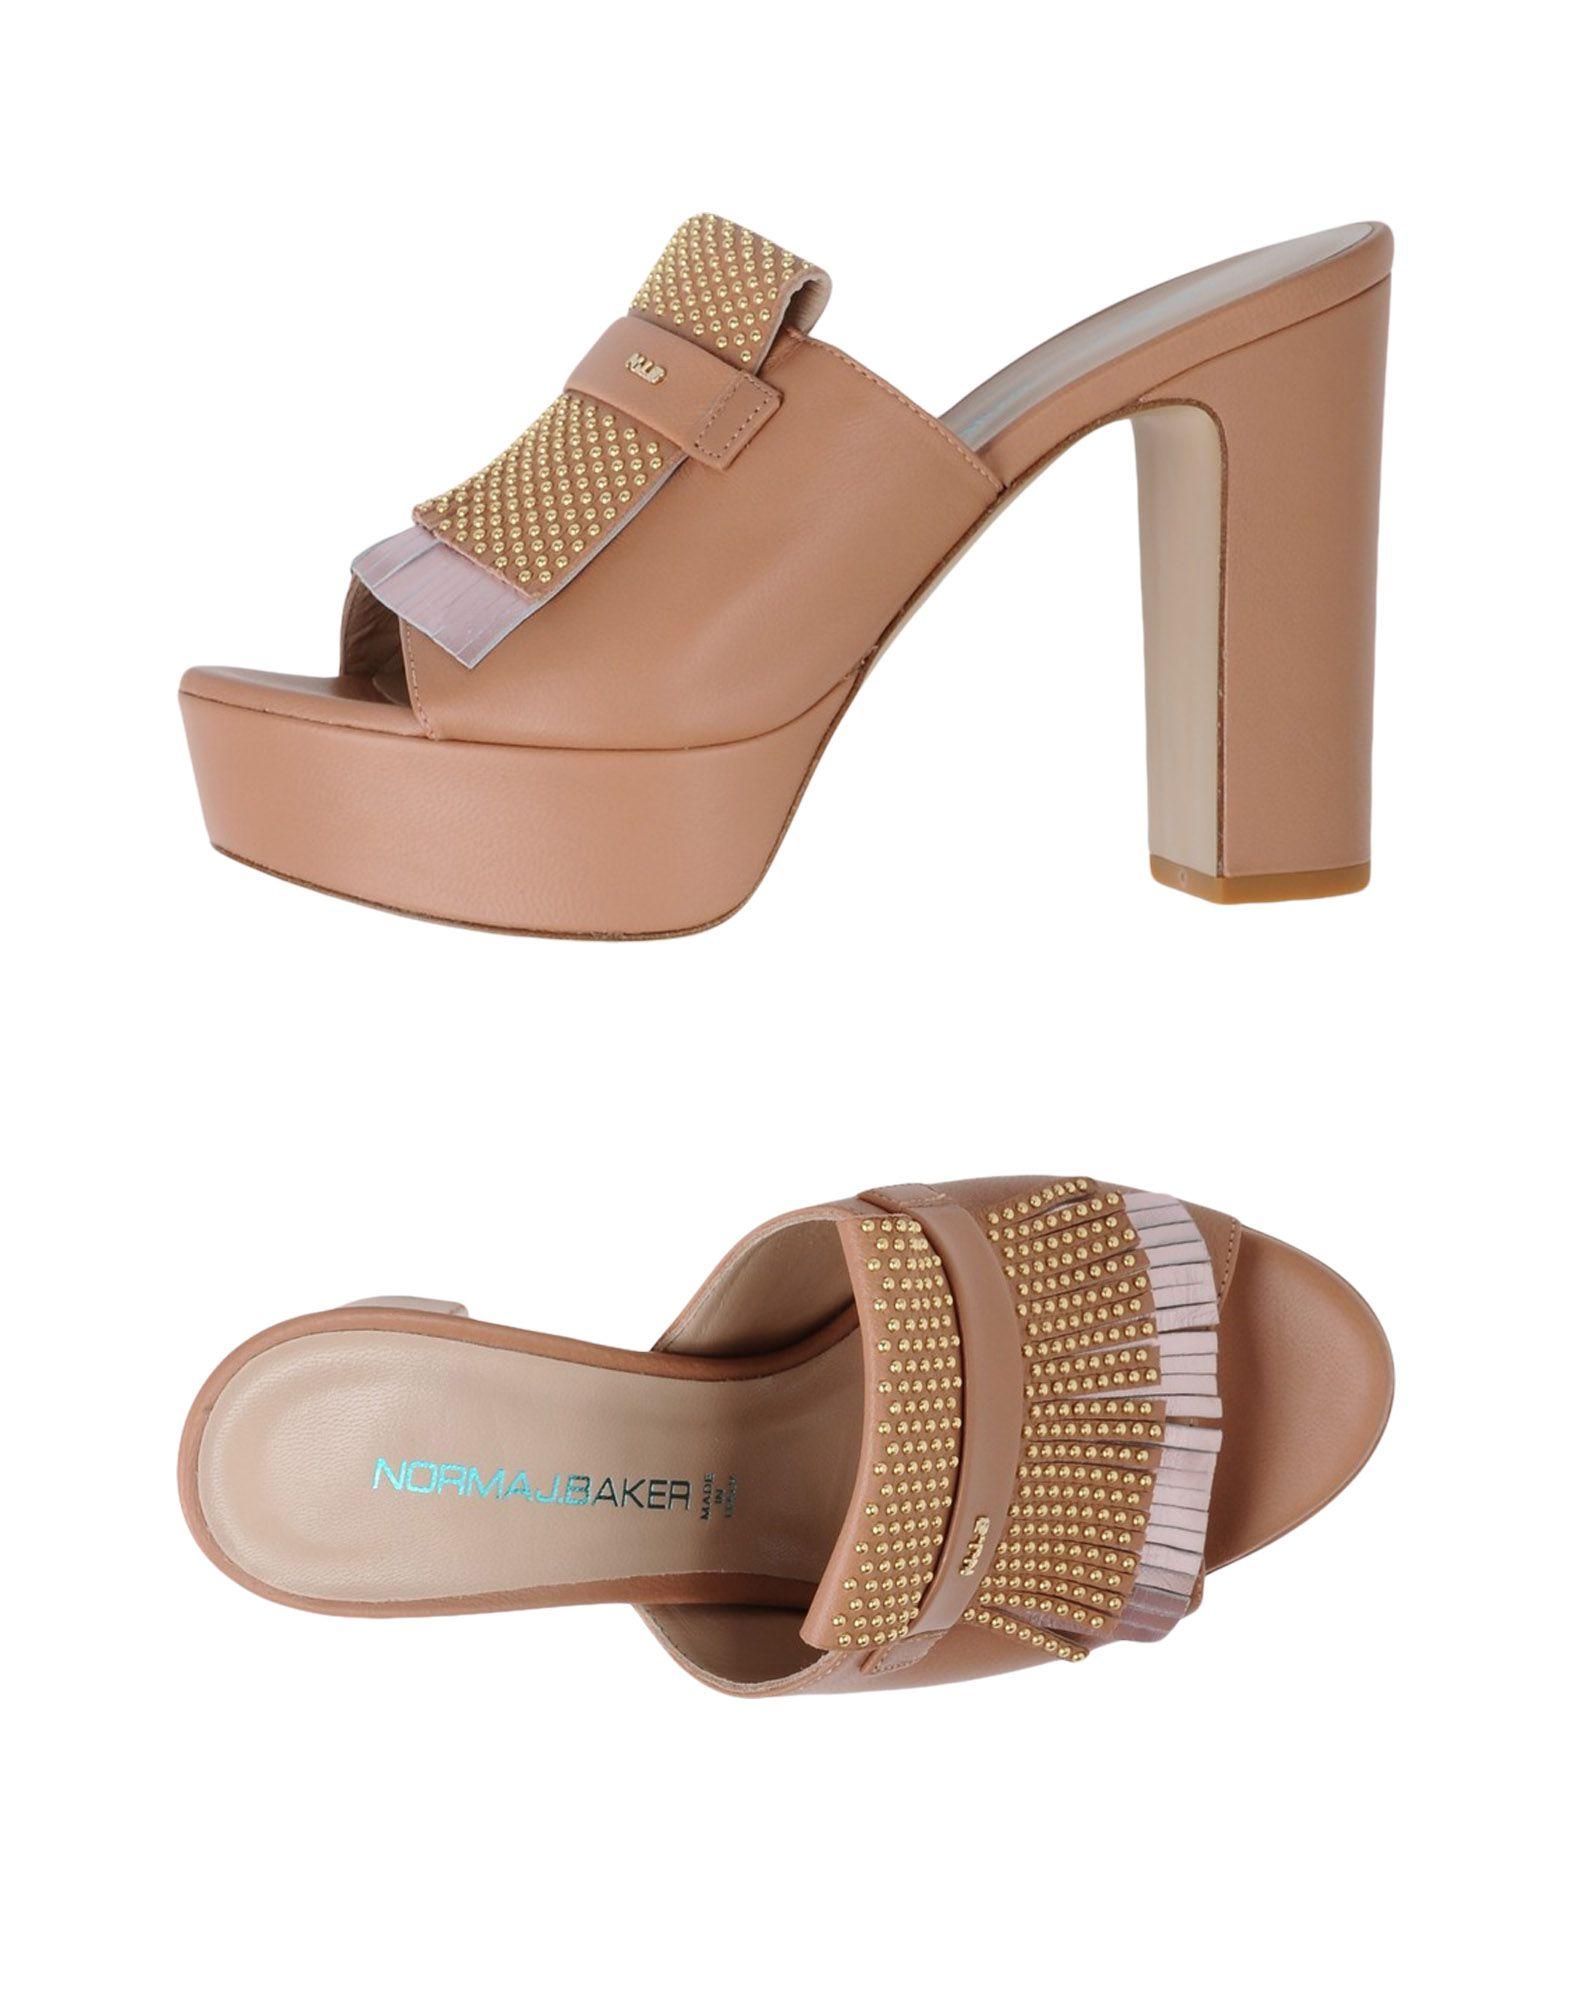 Norma J.Baker Sandalen Damen  11339184FK Gute Qualität beliebte Schuhe